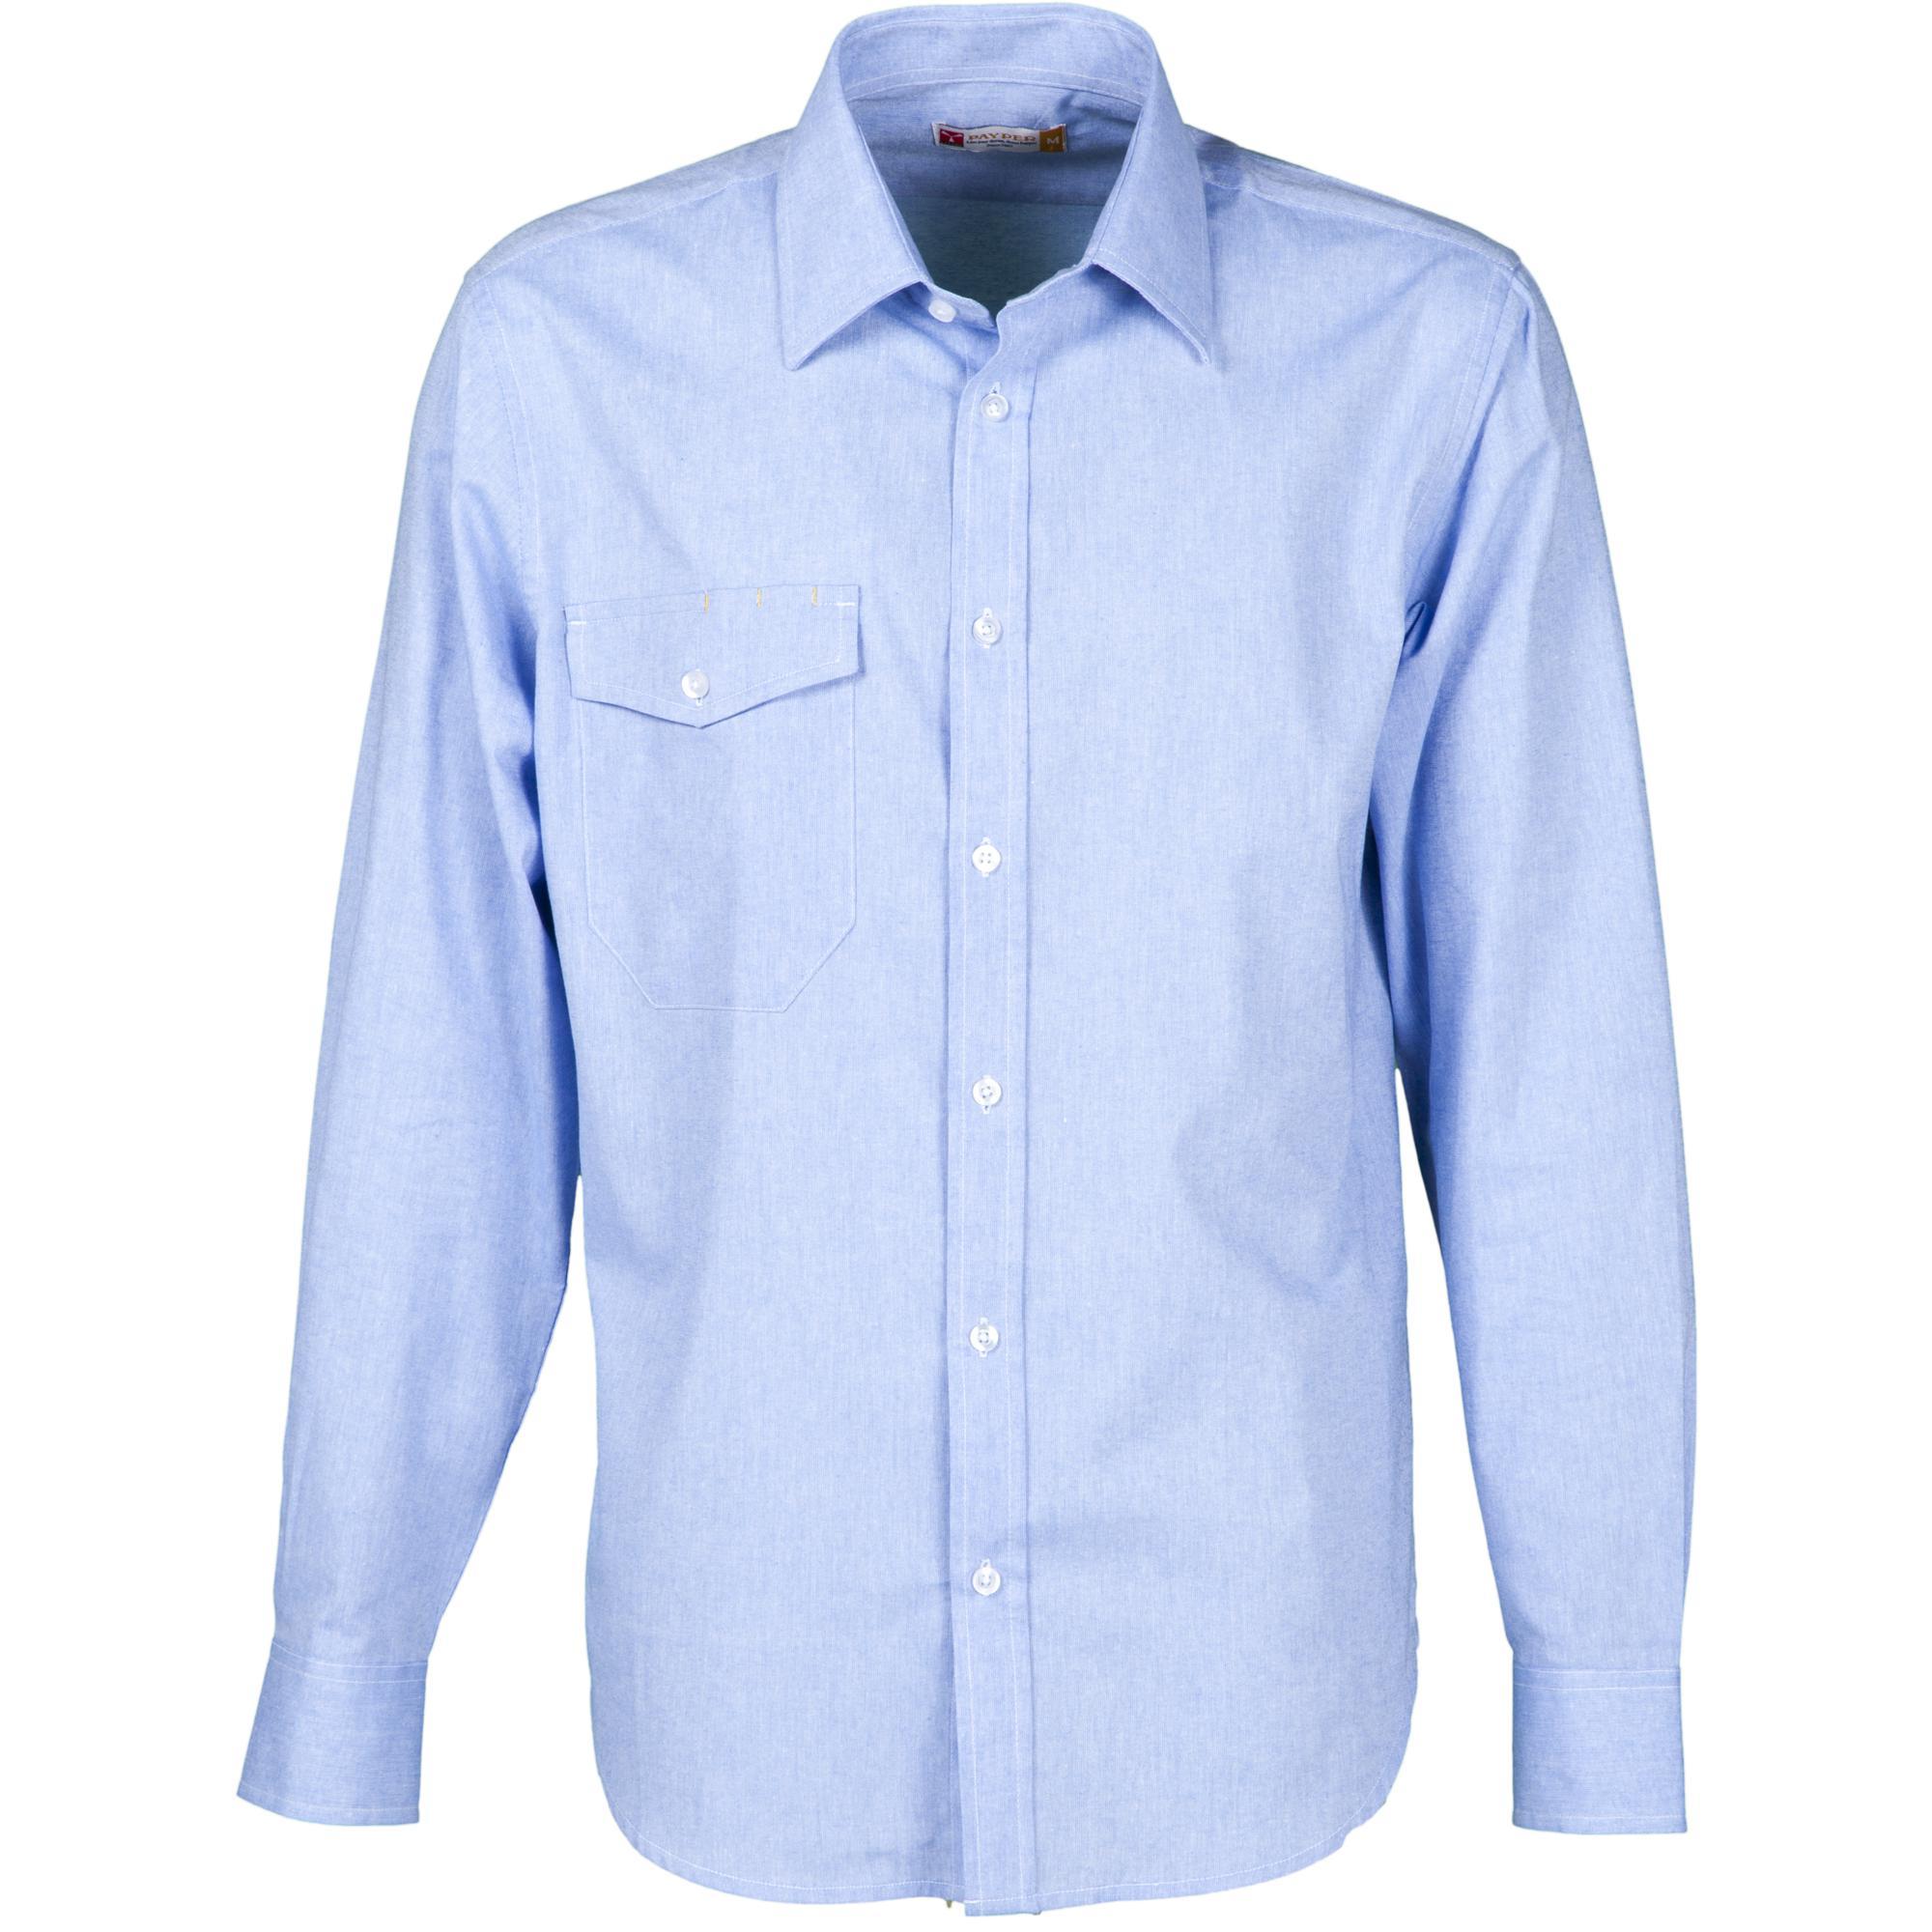 50018b826f5a7a Camicia da uomo da lavoro PAYPER-SPECIALIST